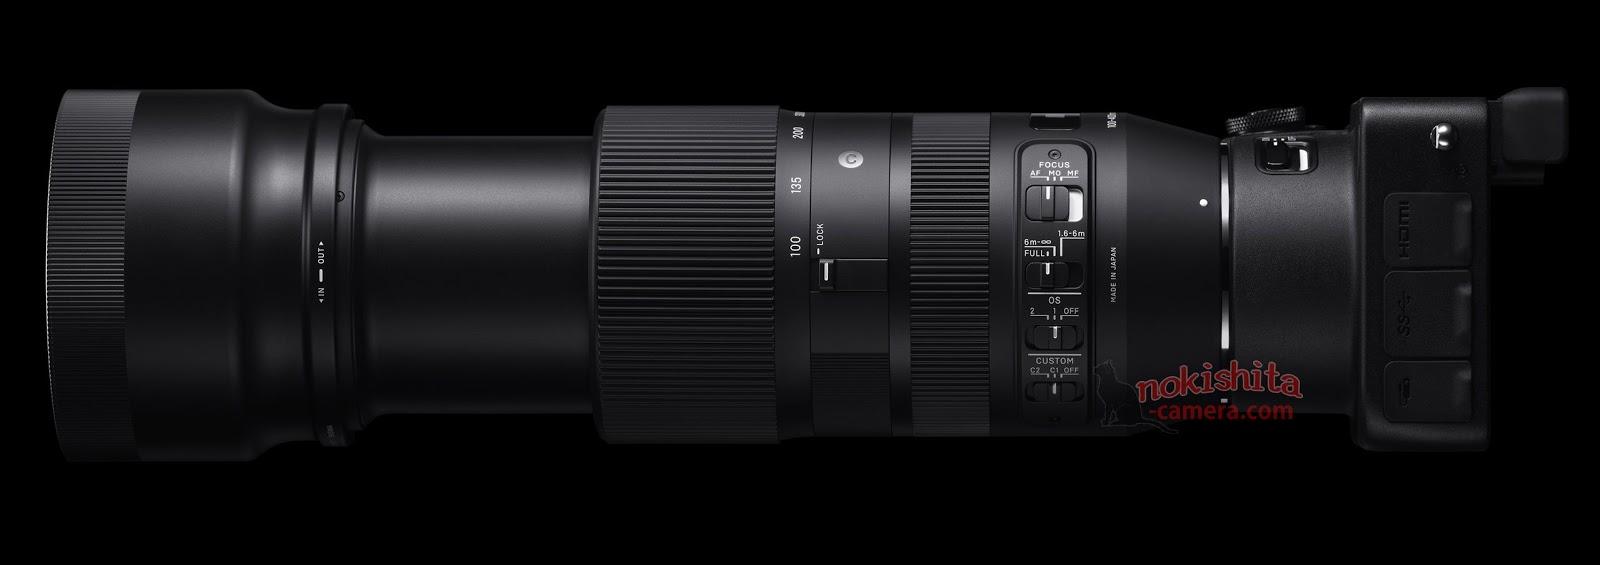 Изображения новых объективов Sigma 14mm, 135mm, 100-400mm и 24-70mm